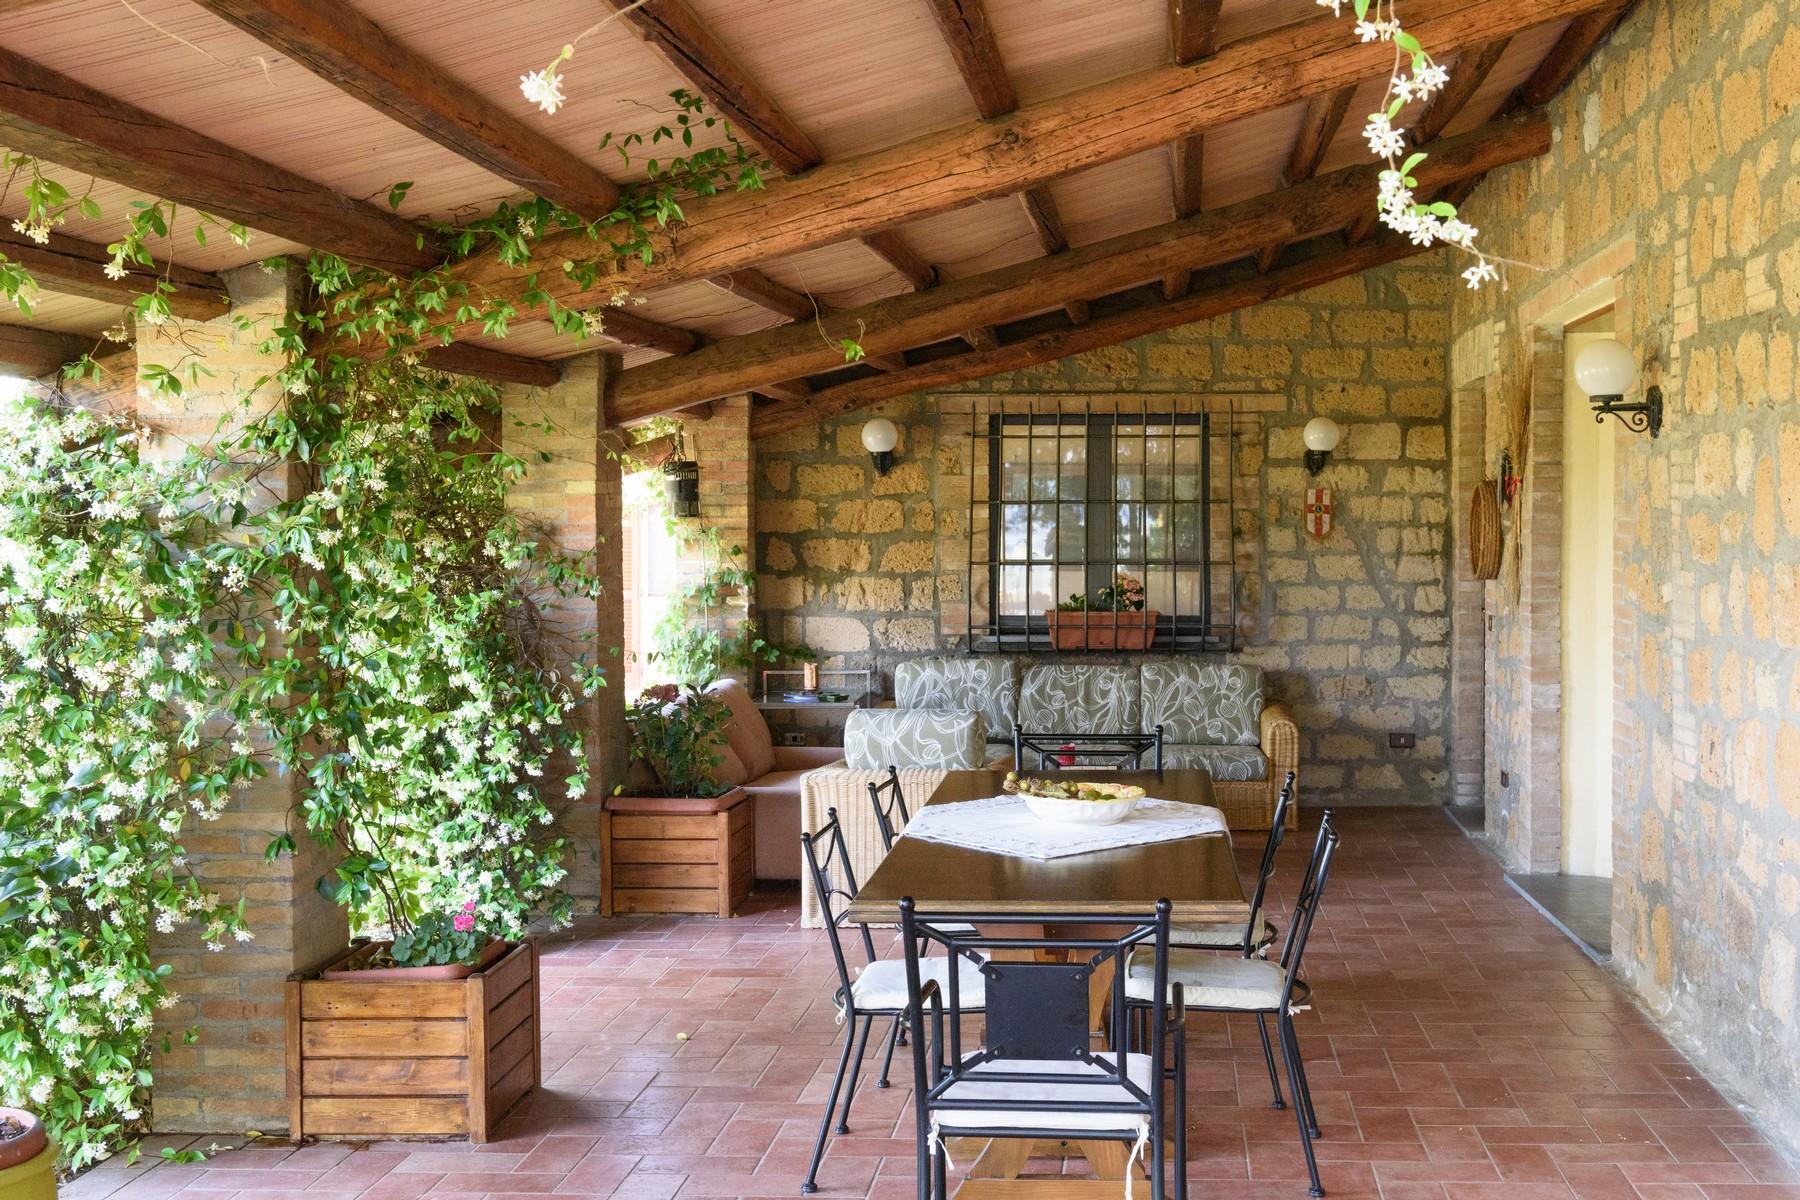 Casa indipendente di lusso in vendita a castel viscardo for Vendita case di lusso